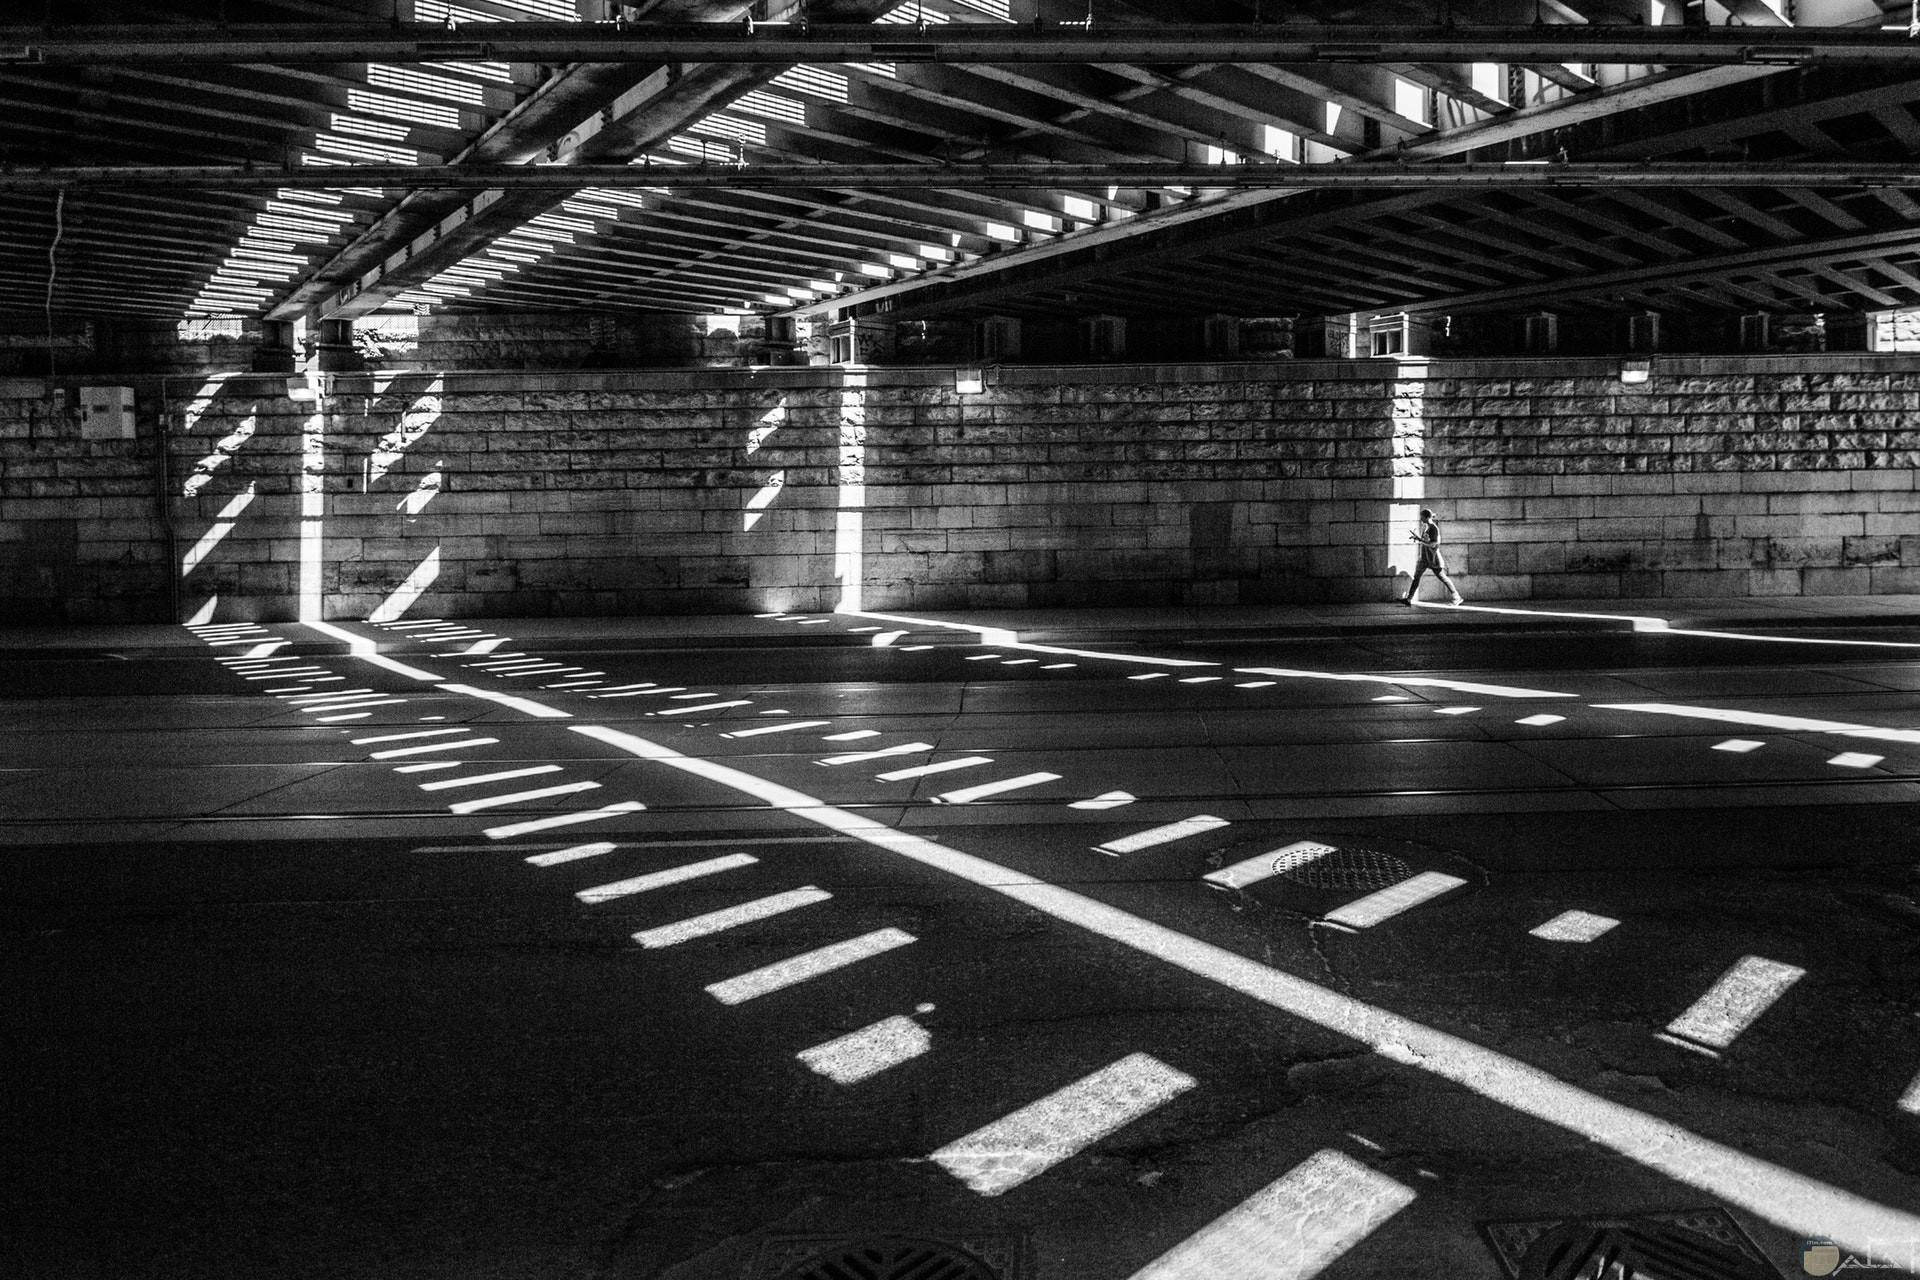 صورة مميزة بالأبيض والأسود لمبني وخطوط للمشي مرسومة علي الطريق